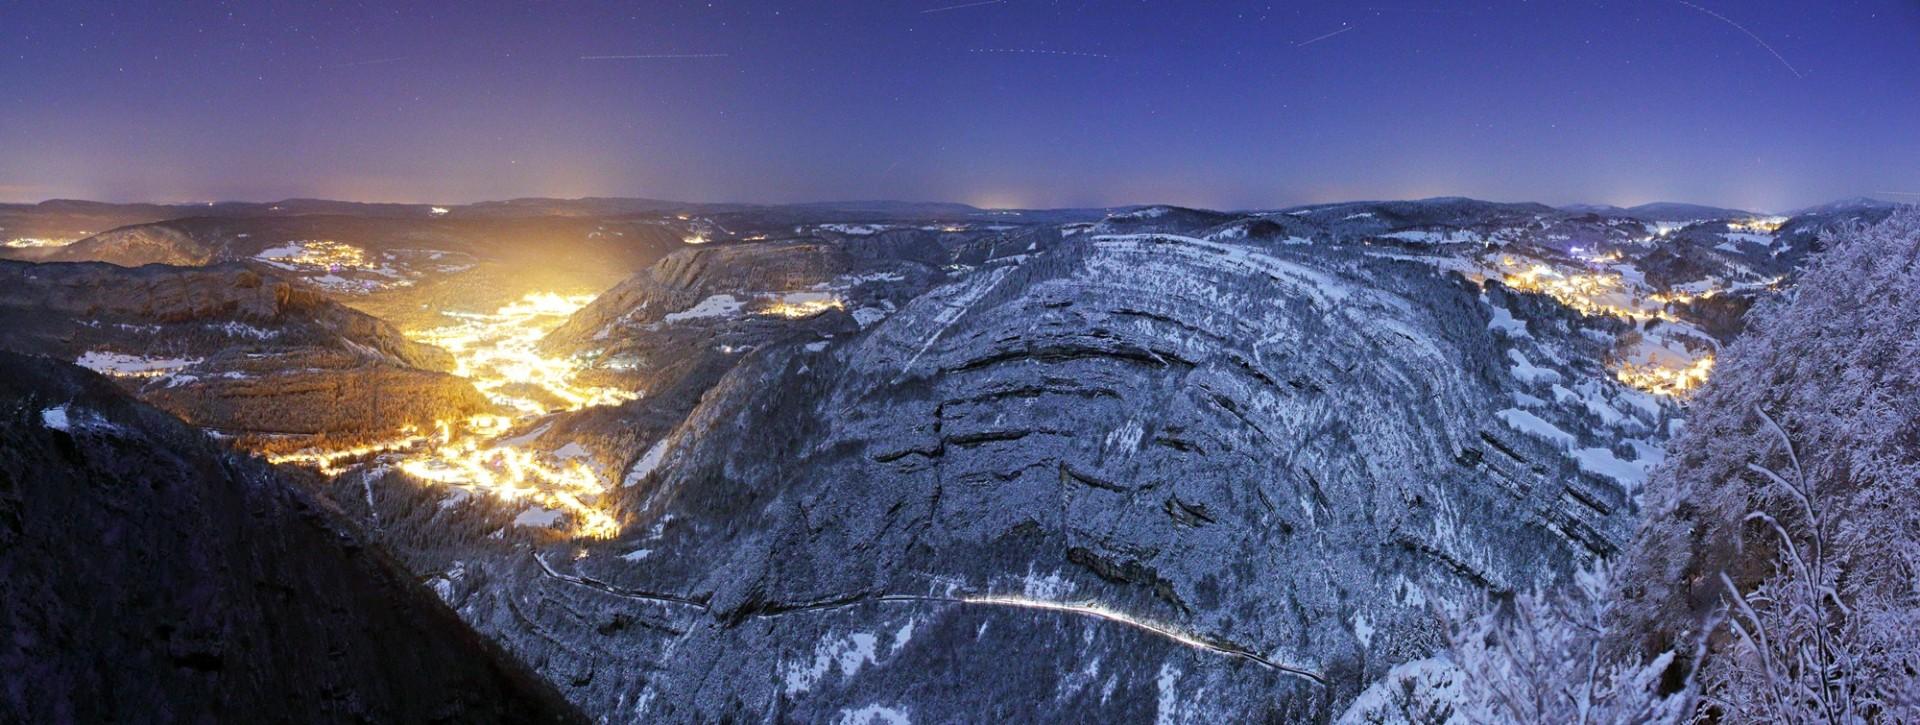 panoramique-depuis-roche-blanche-414